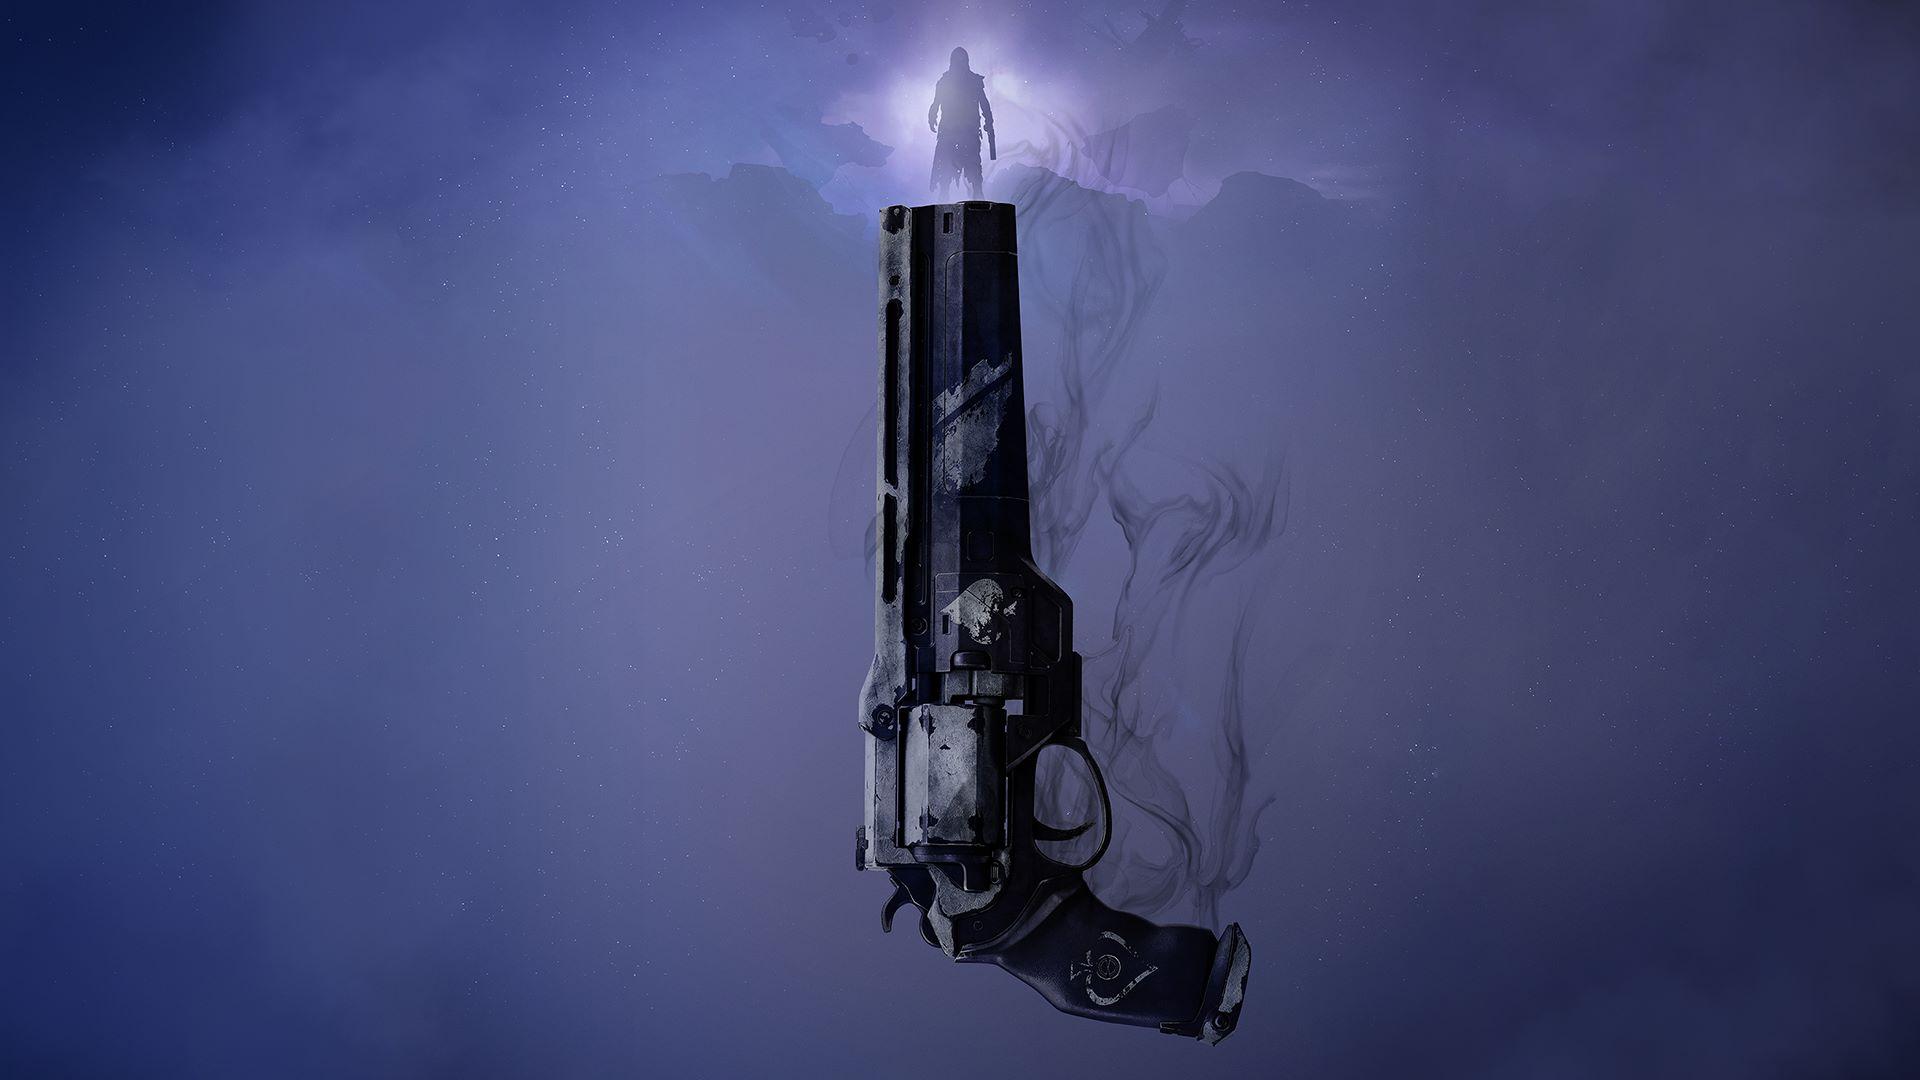 ee62cae8d13 Buy Destiny 2  Forsaken - Digital Deluxe Edition - Microsoft Store en-CA